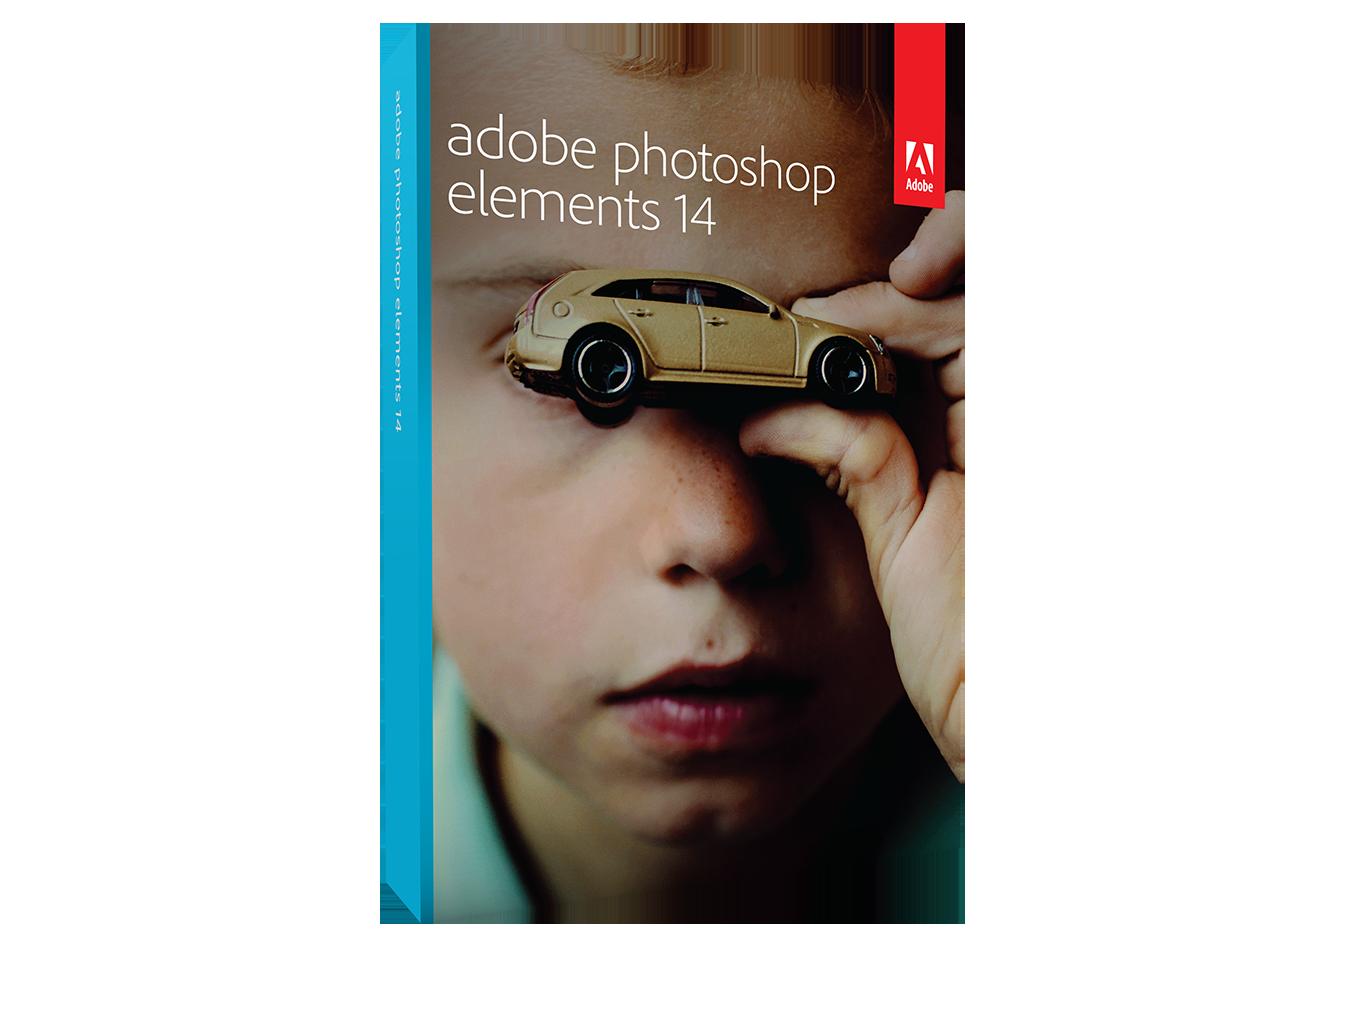 Photoshop Elements 14 Boxshot_Side